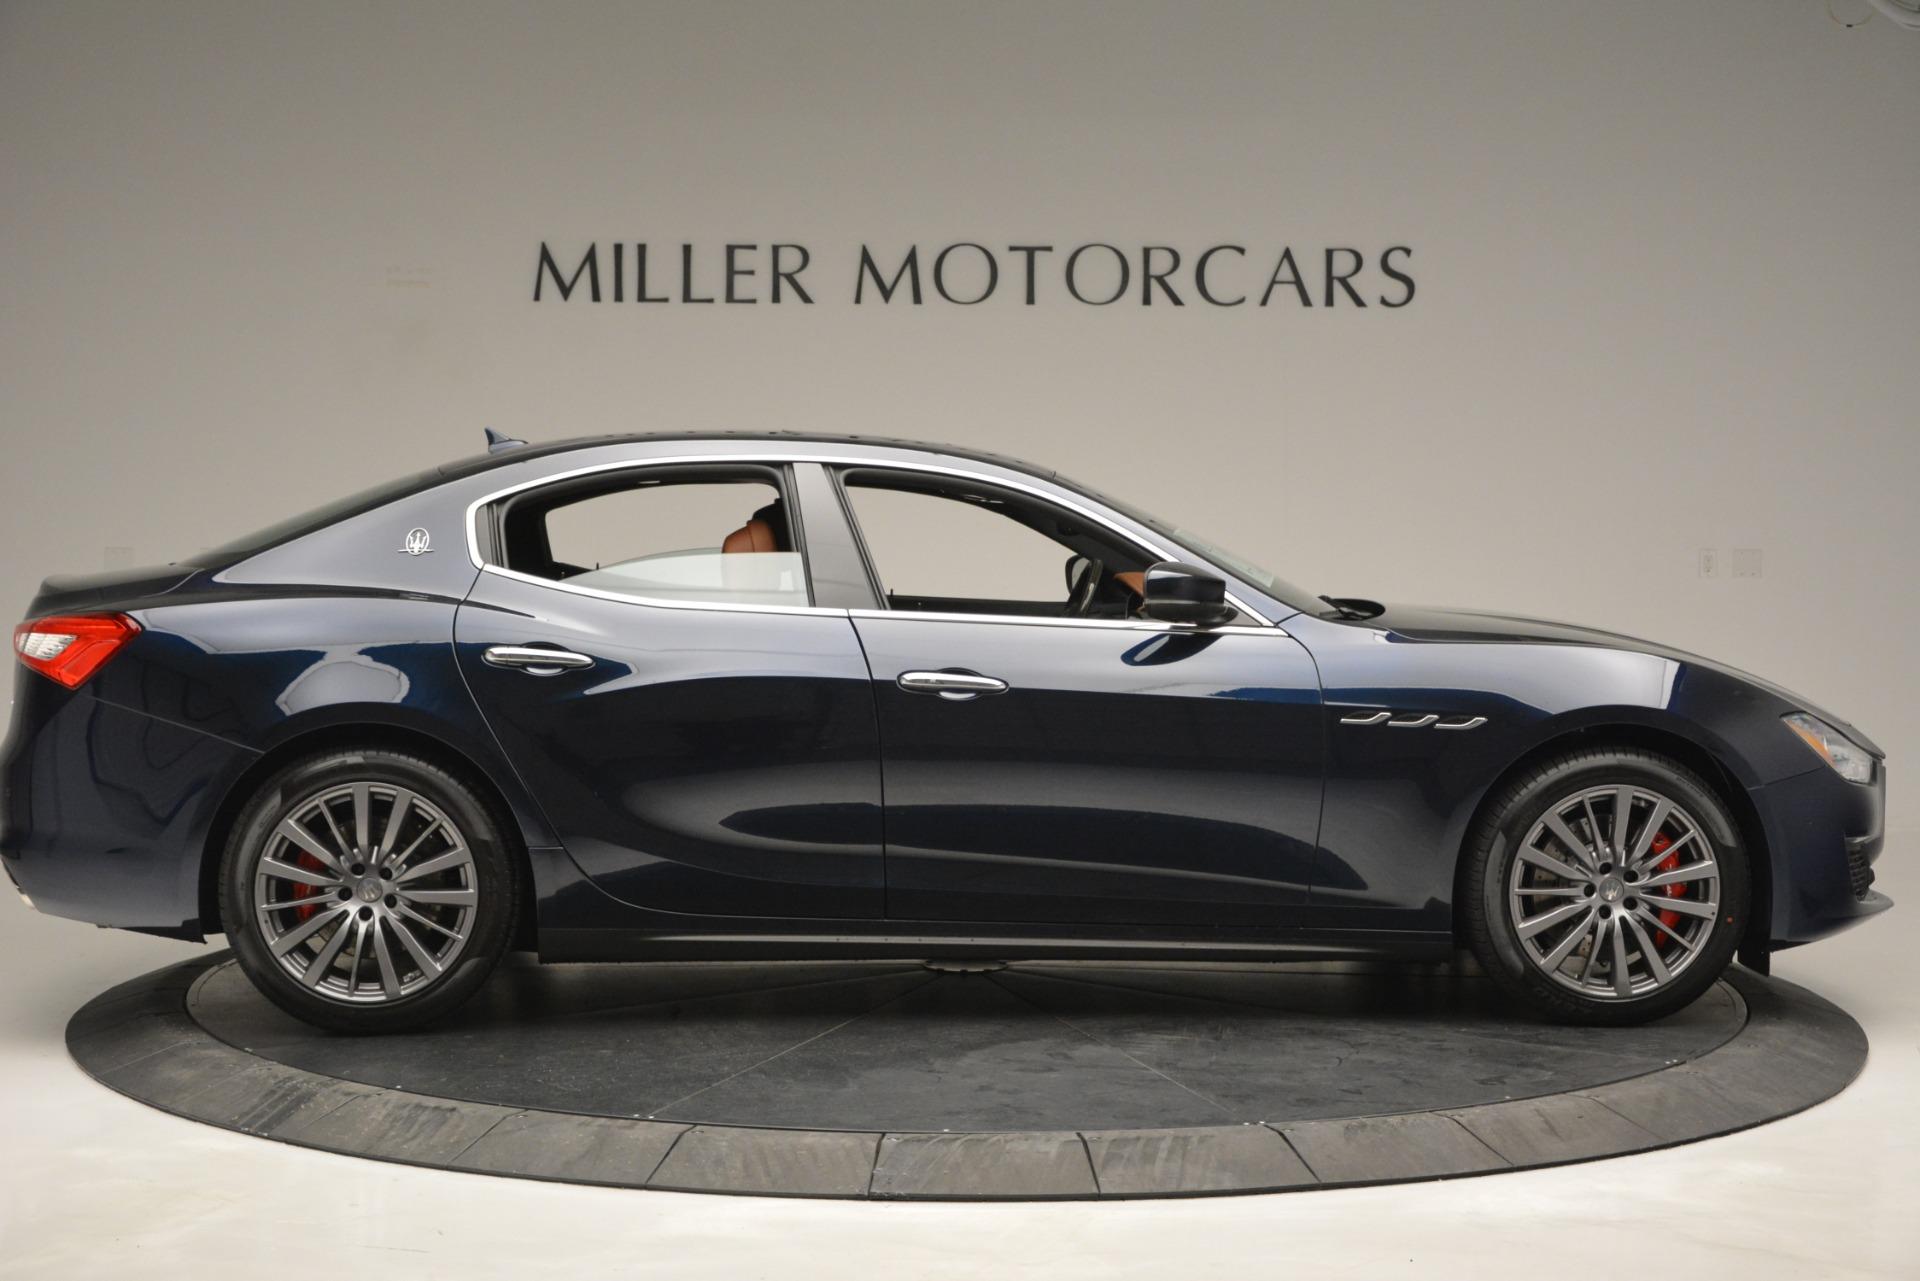 New 2019 Maserati Ghibli S Q4 For Sale In Greenwich, CT 2862_p9